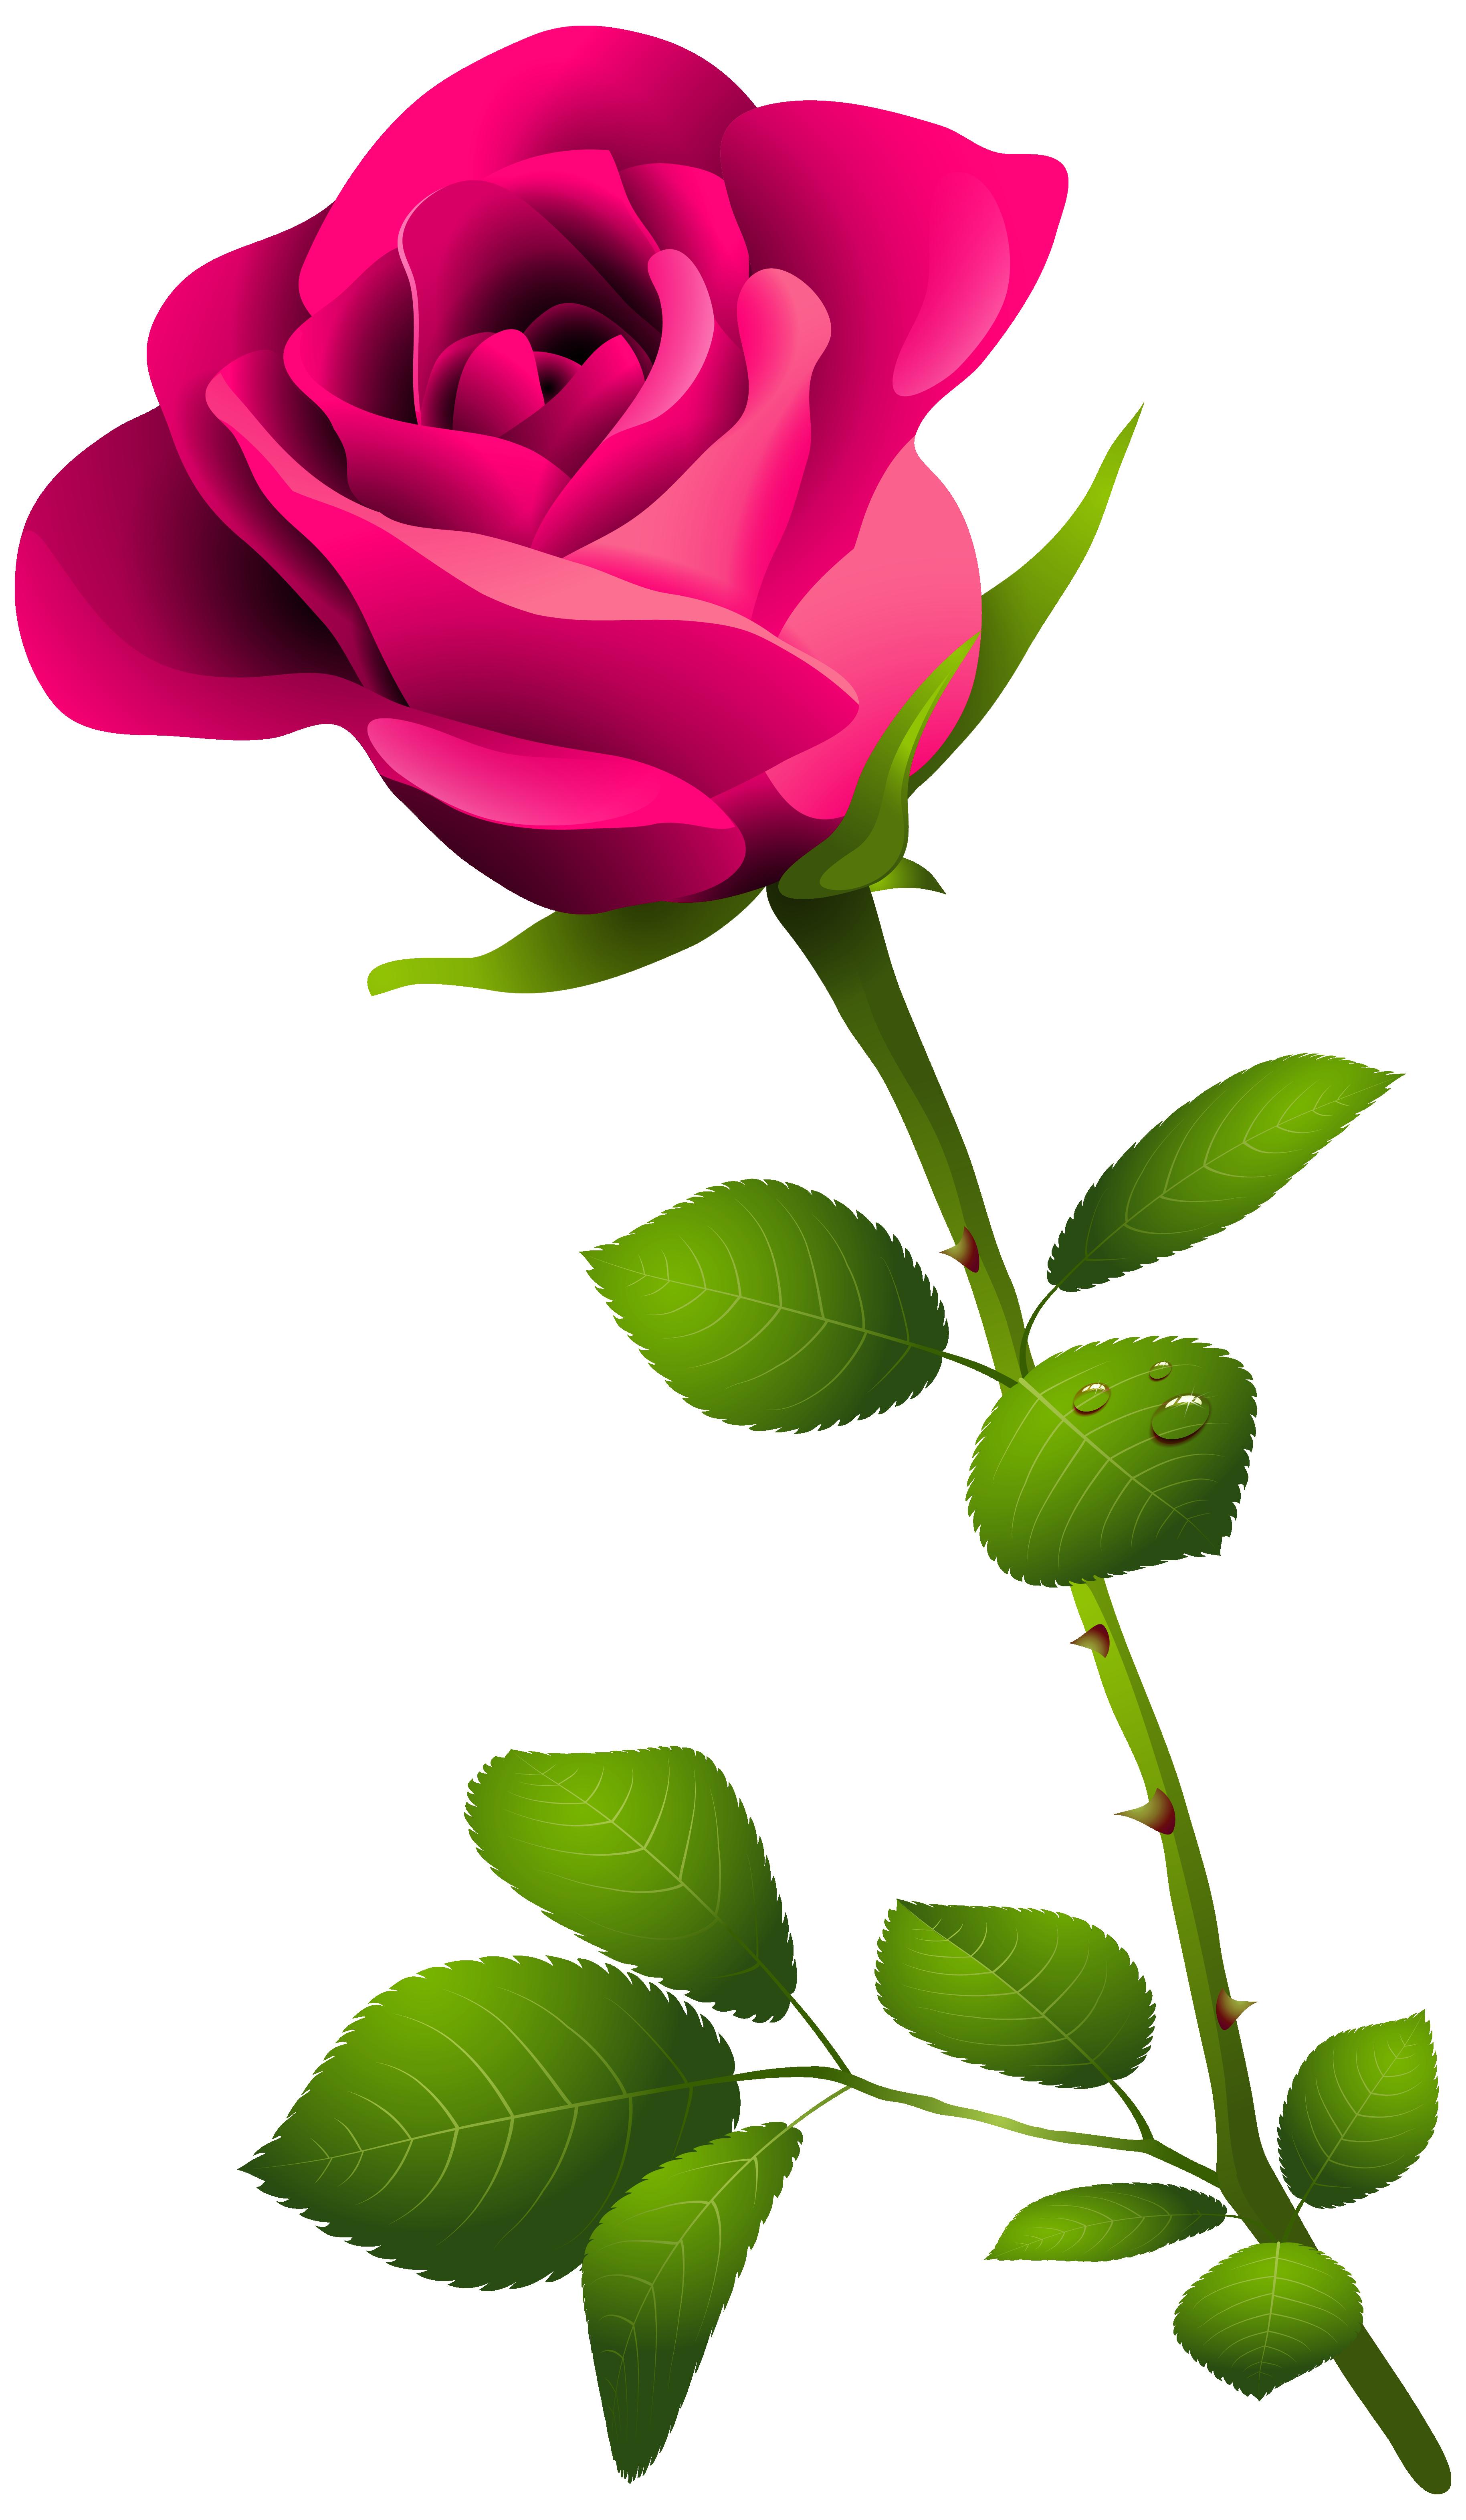 Rose clipart long stem rose #11